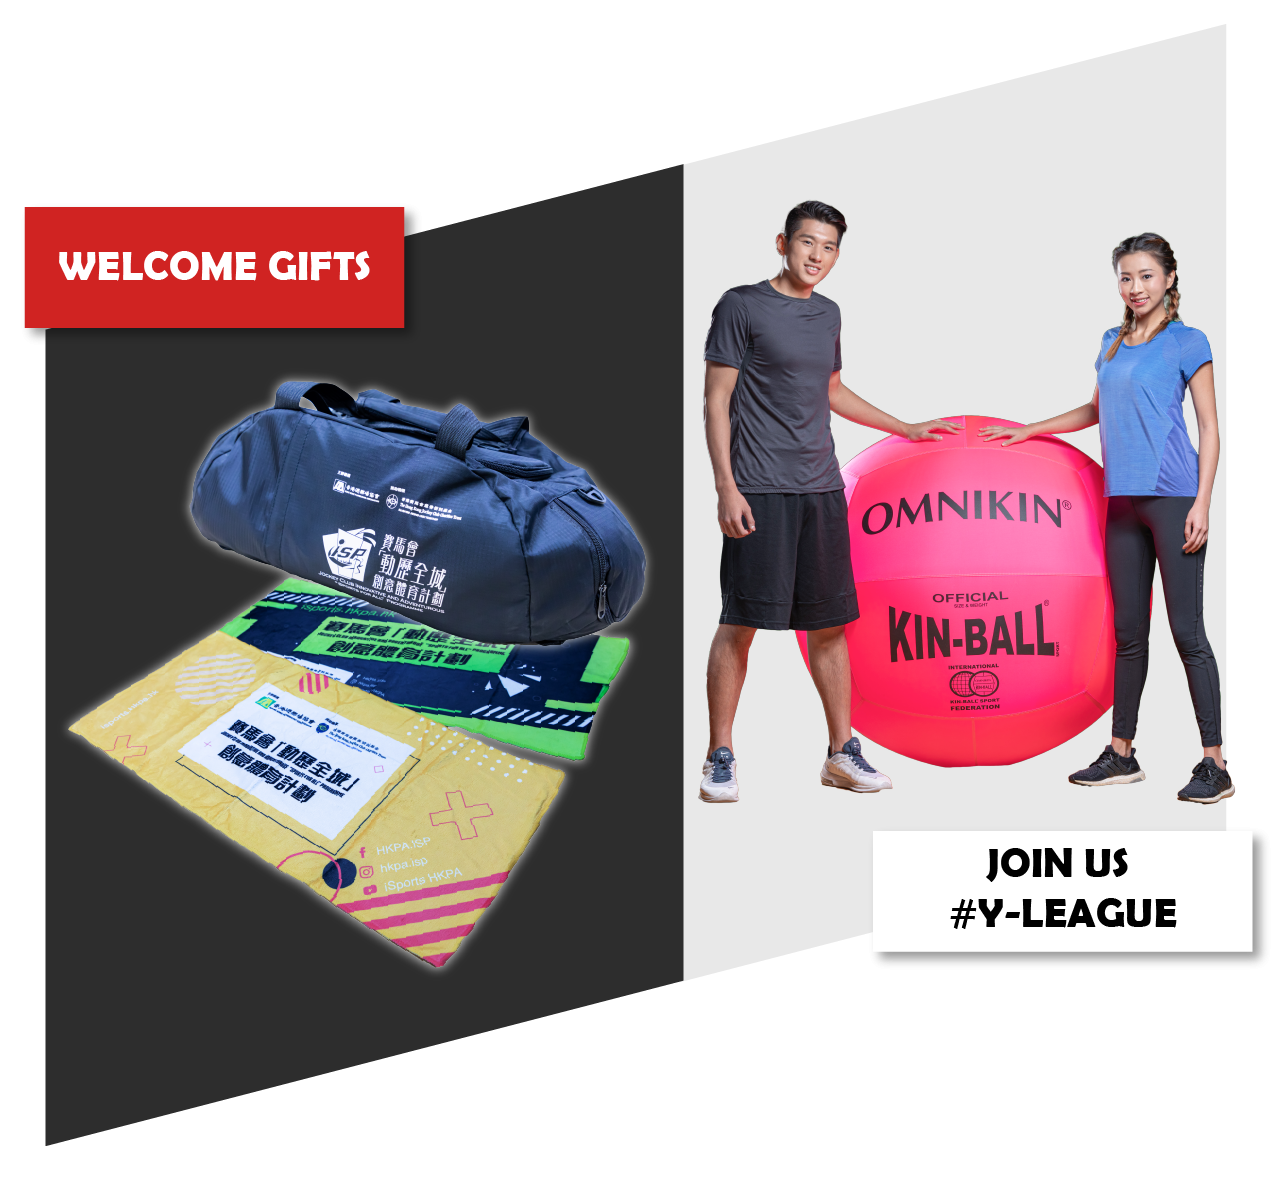 Y-League